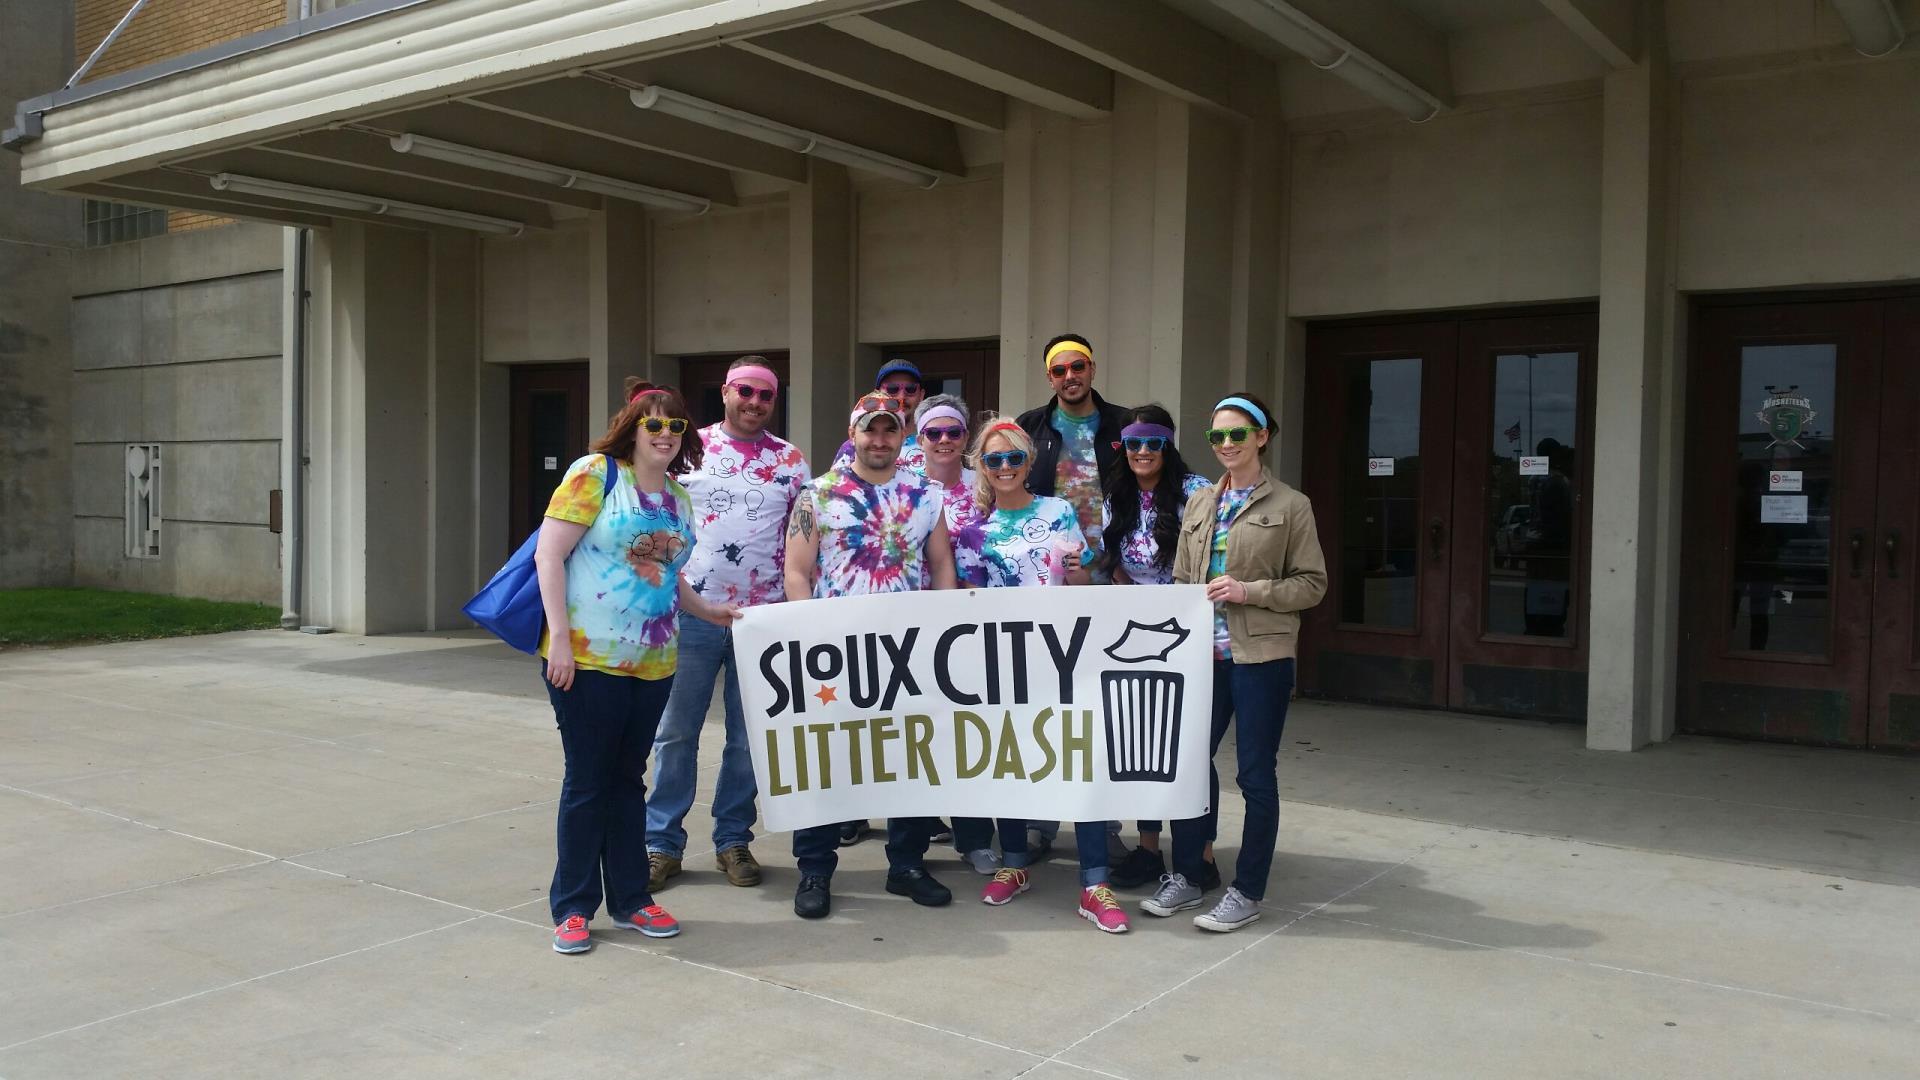 litter dash city of sioux city website